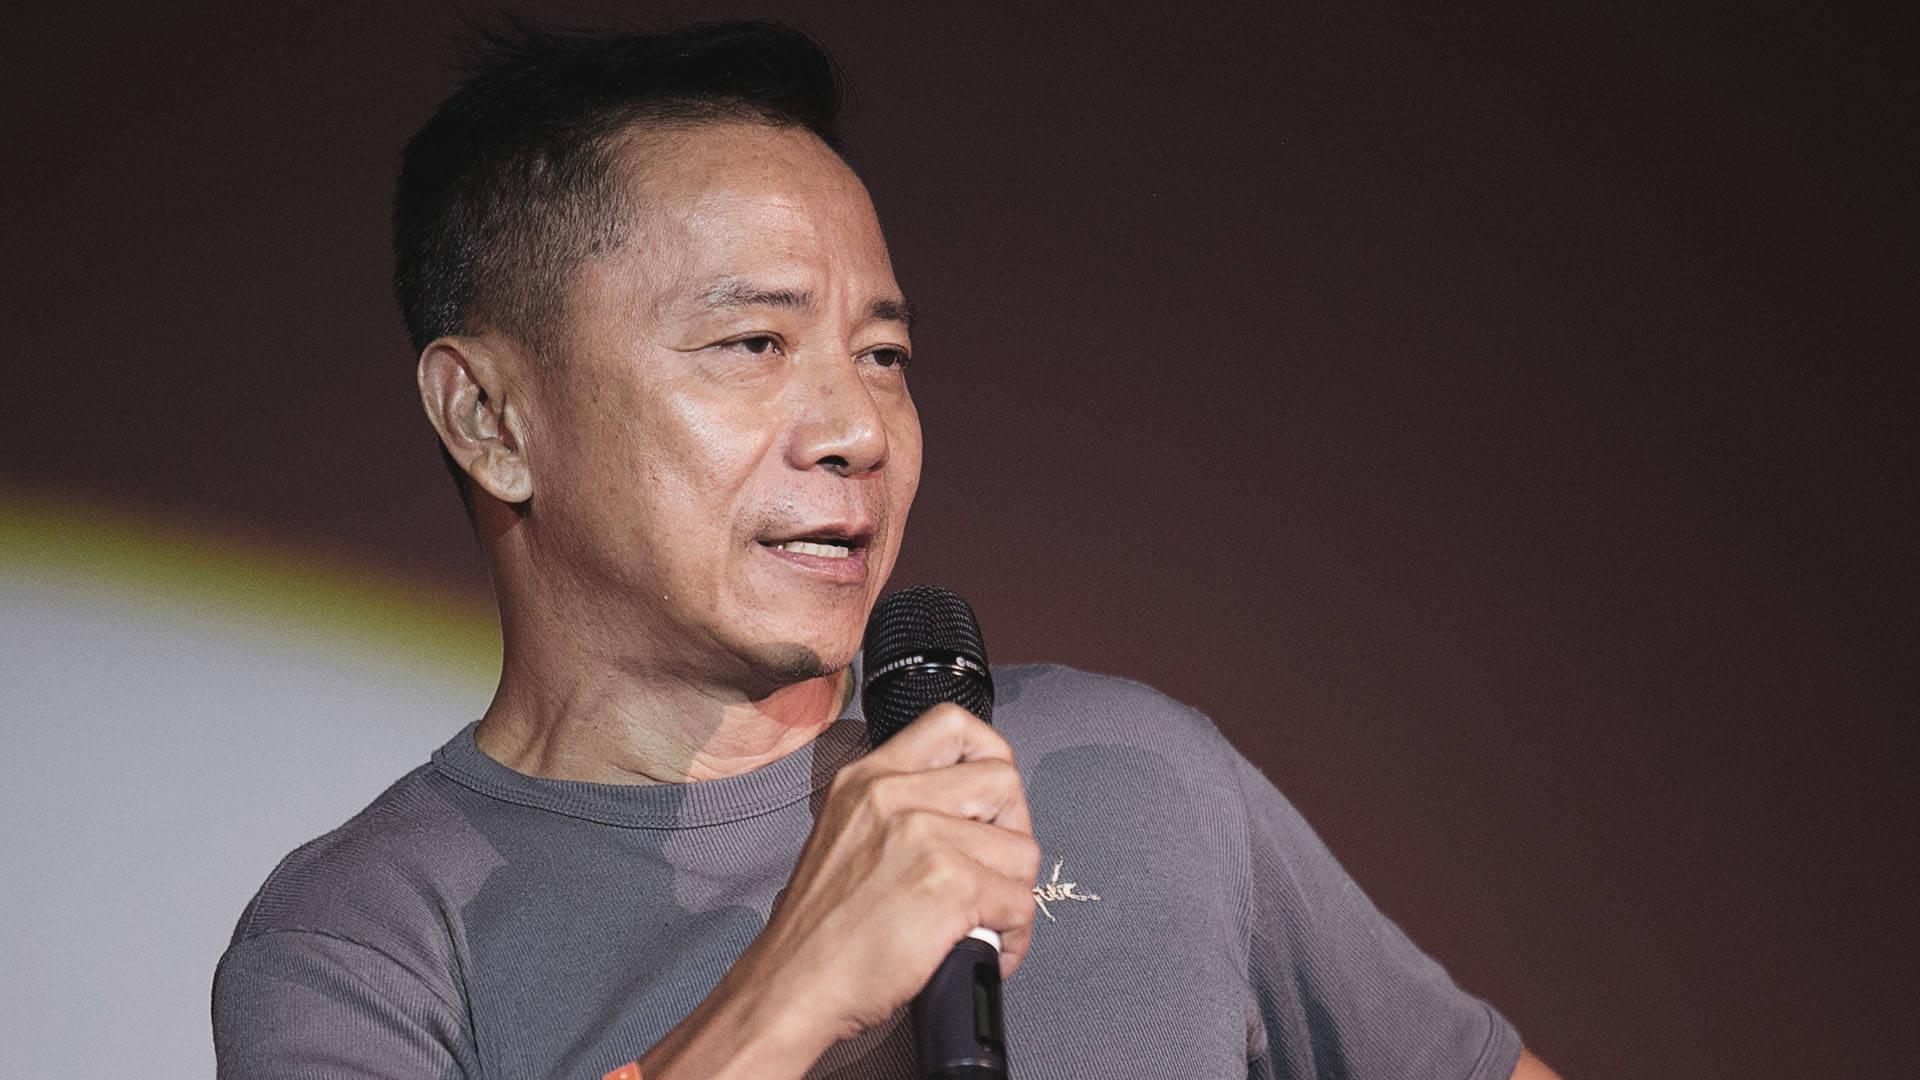 Thái Nghiã, da Goóc, especializada em calçados e acessórios feitos de pneus reciclados, conta como enfrenta a crise